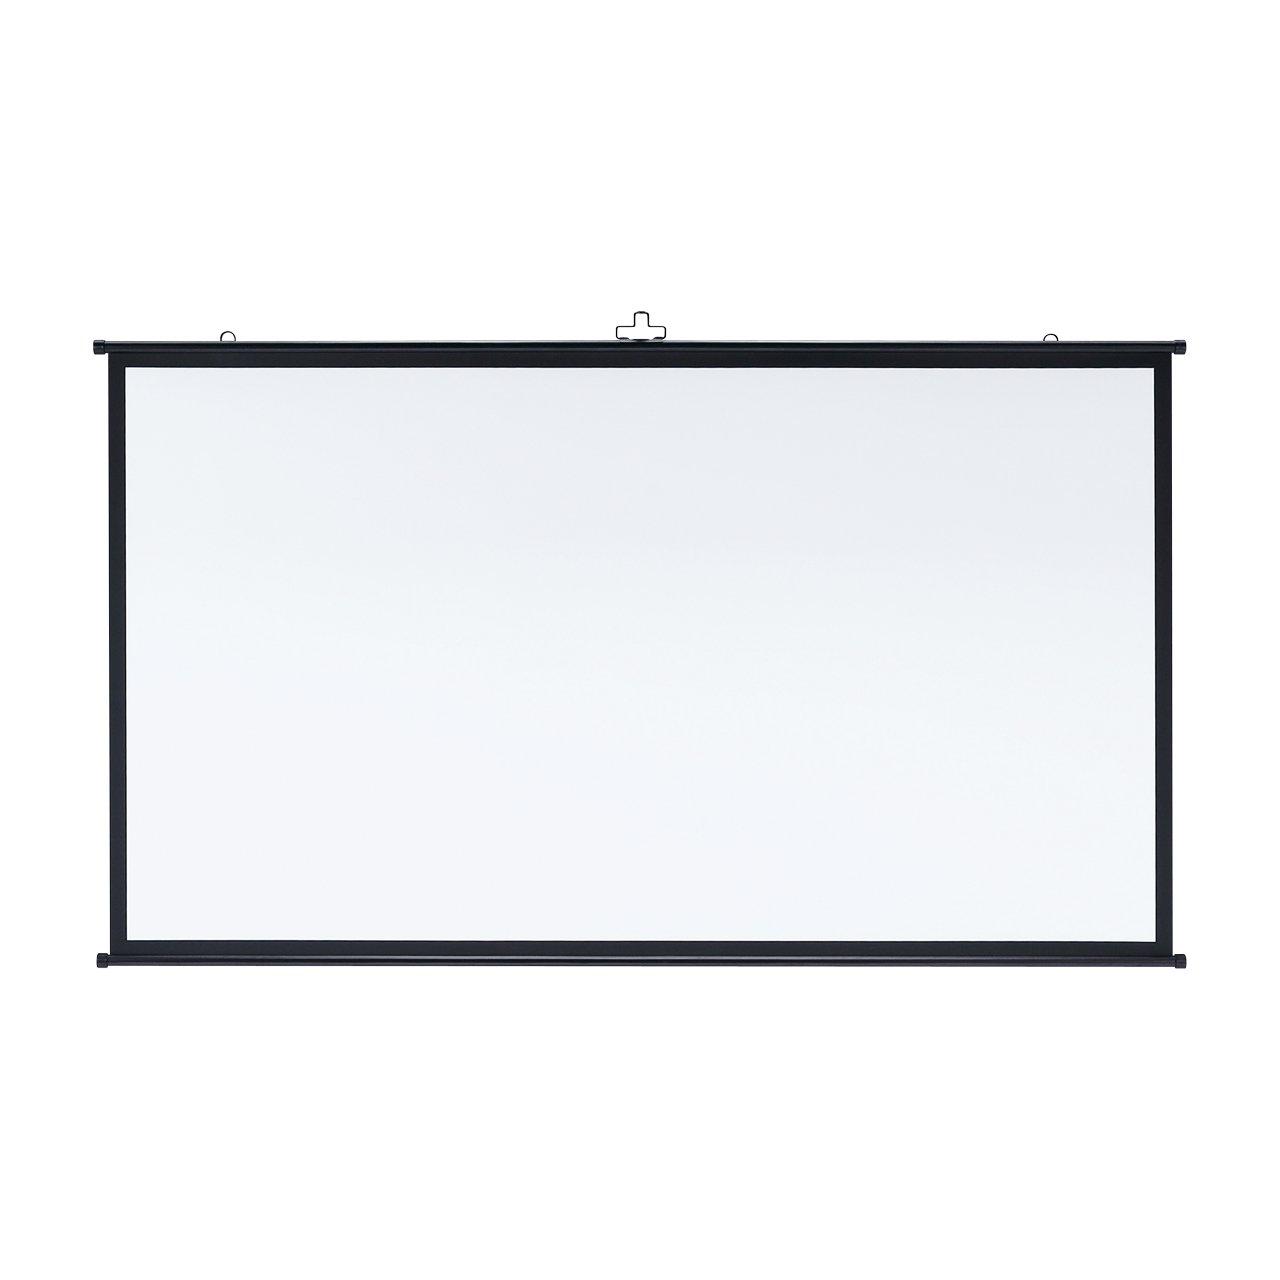 サンワサプライ プロジェクタースクリーン(壁掛け式)(16:9) 80型相当 PRS-KBHD80 B00D75L8QK